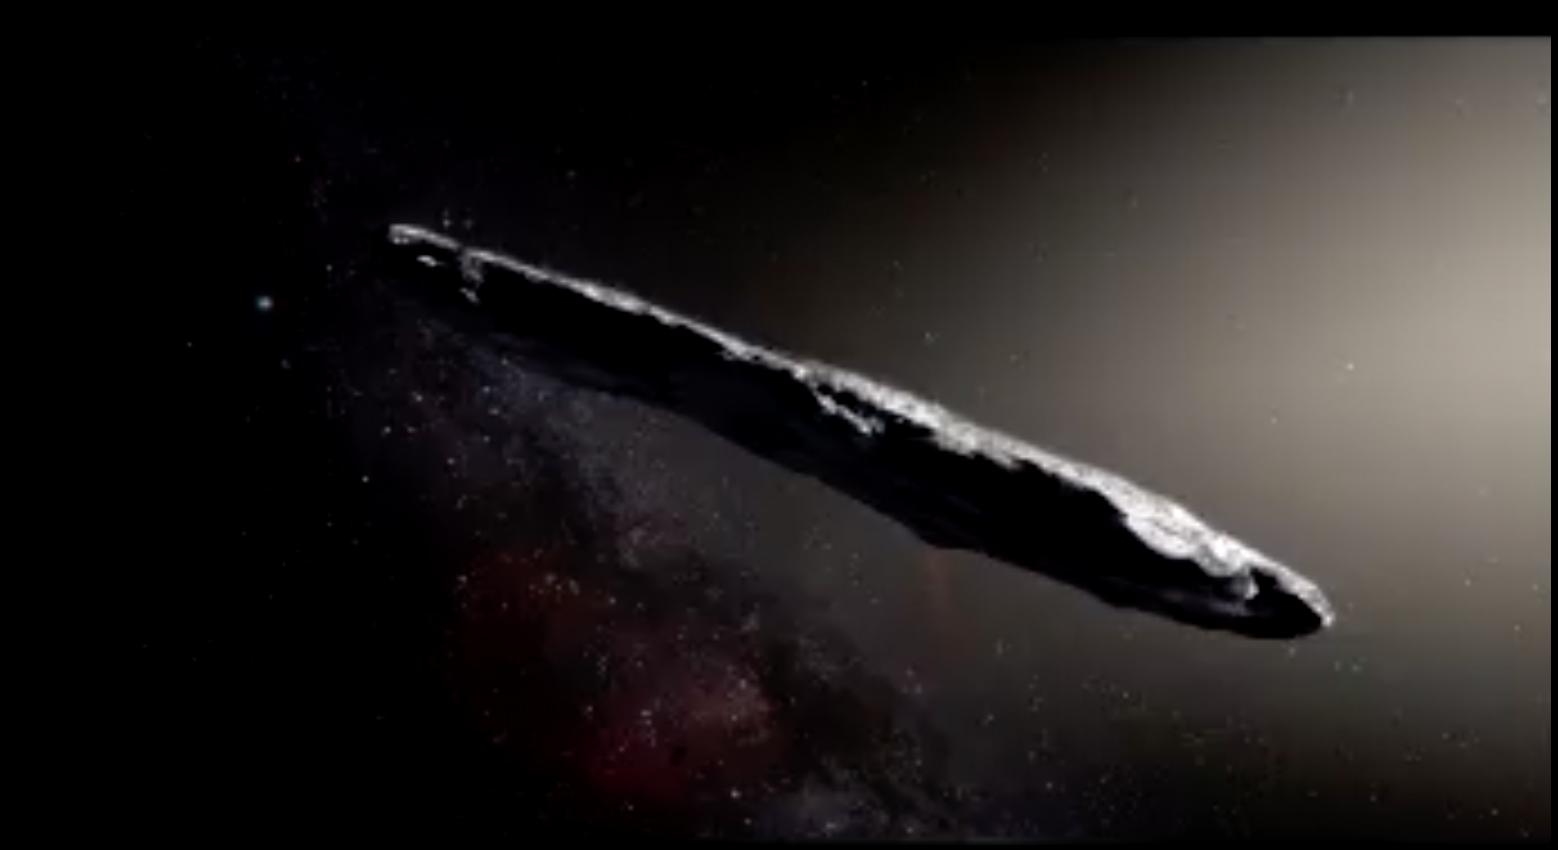 Un objet spatial pourrait être une sonde extraterrestre, selon des astronomes de Harvard